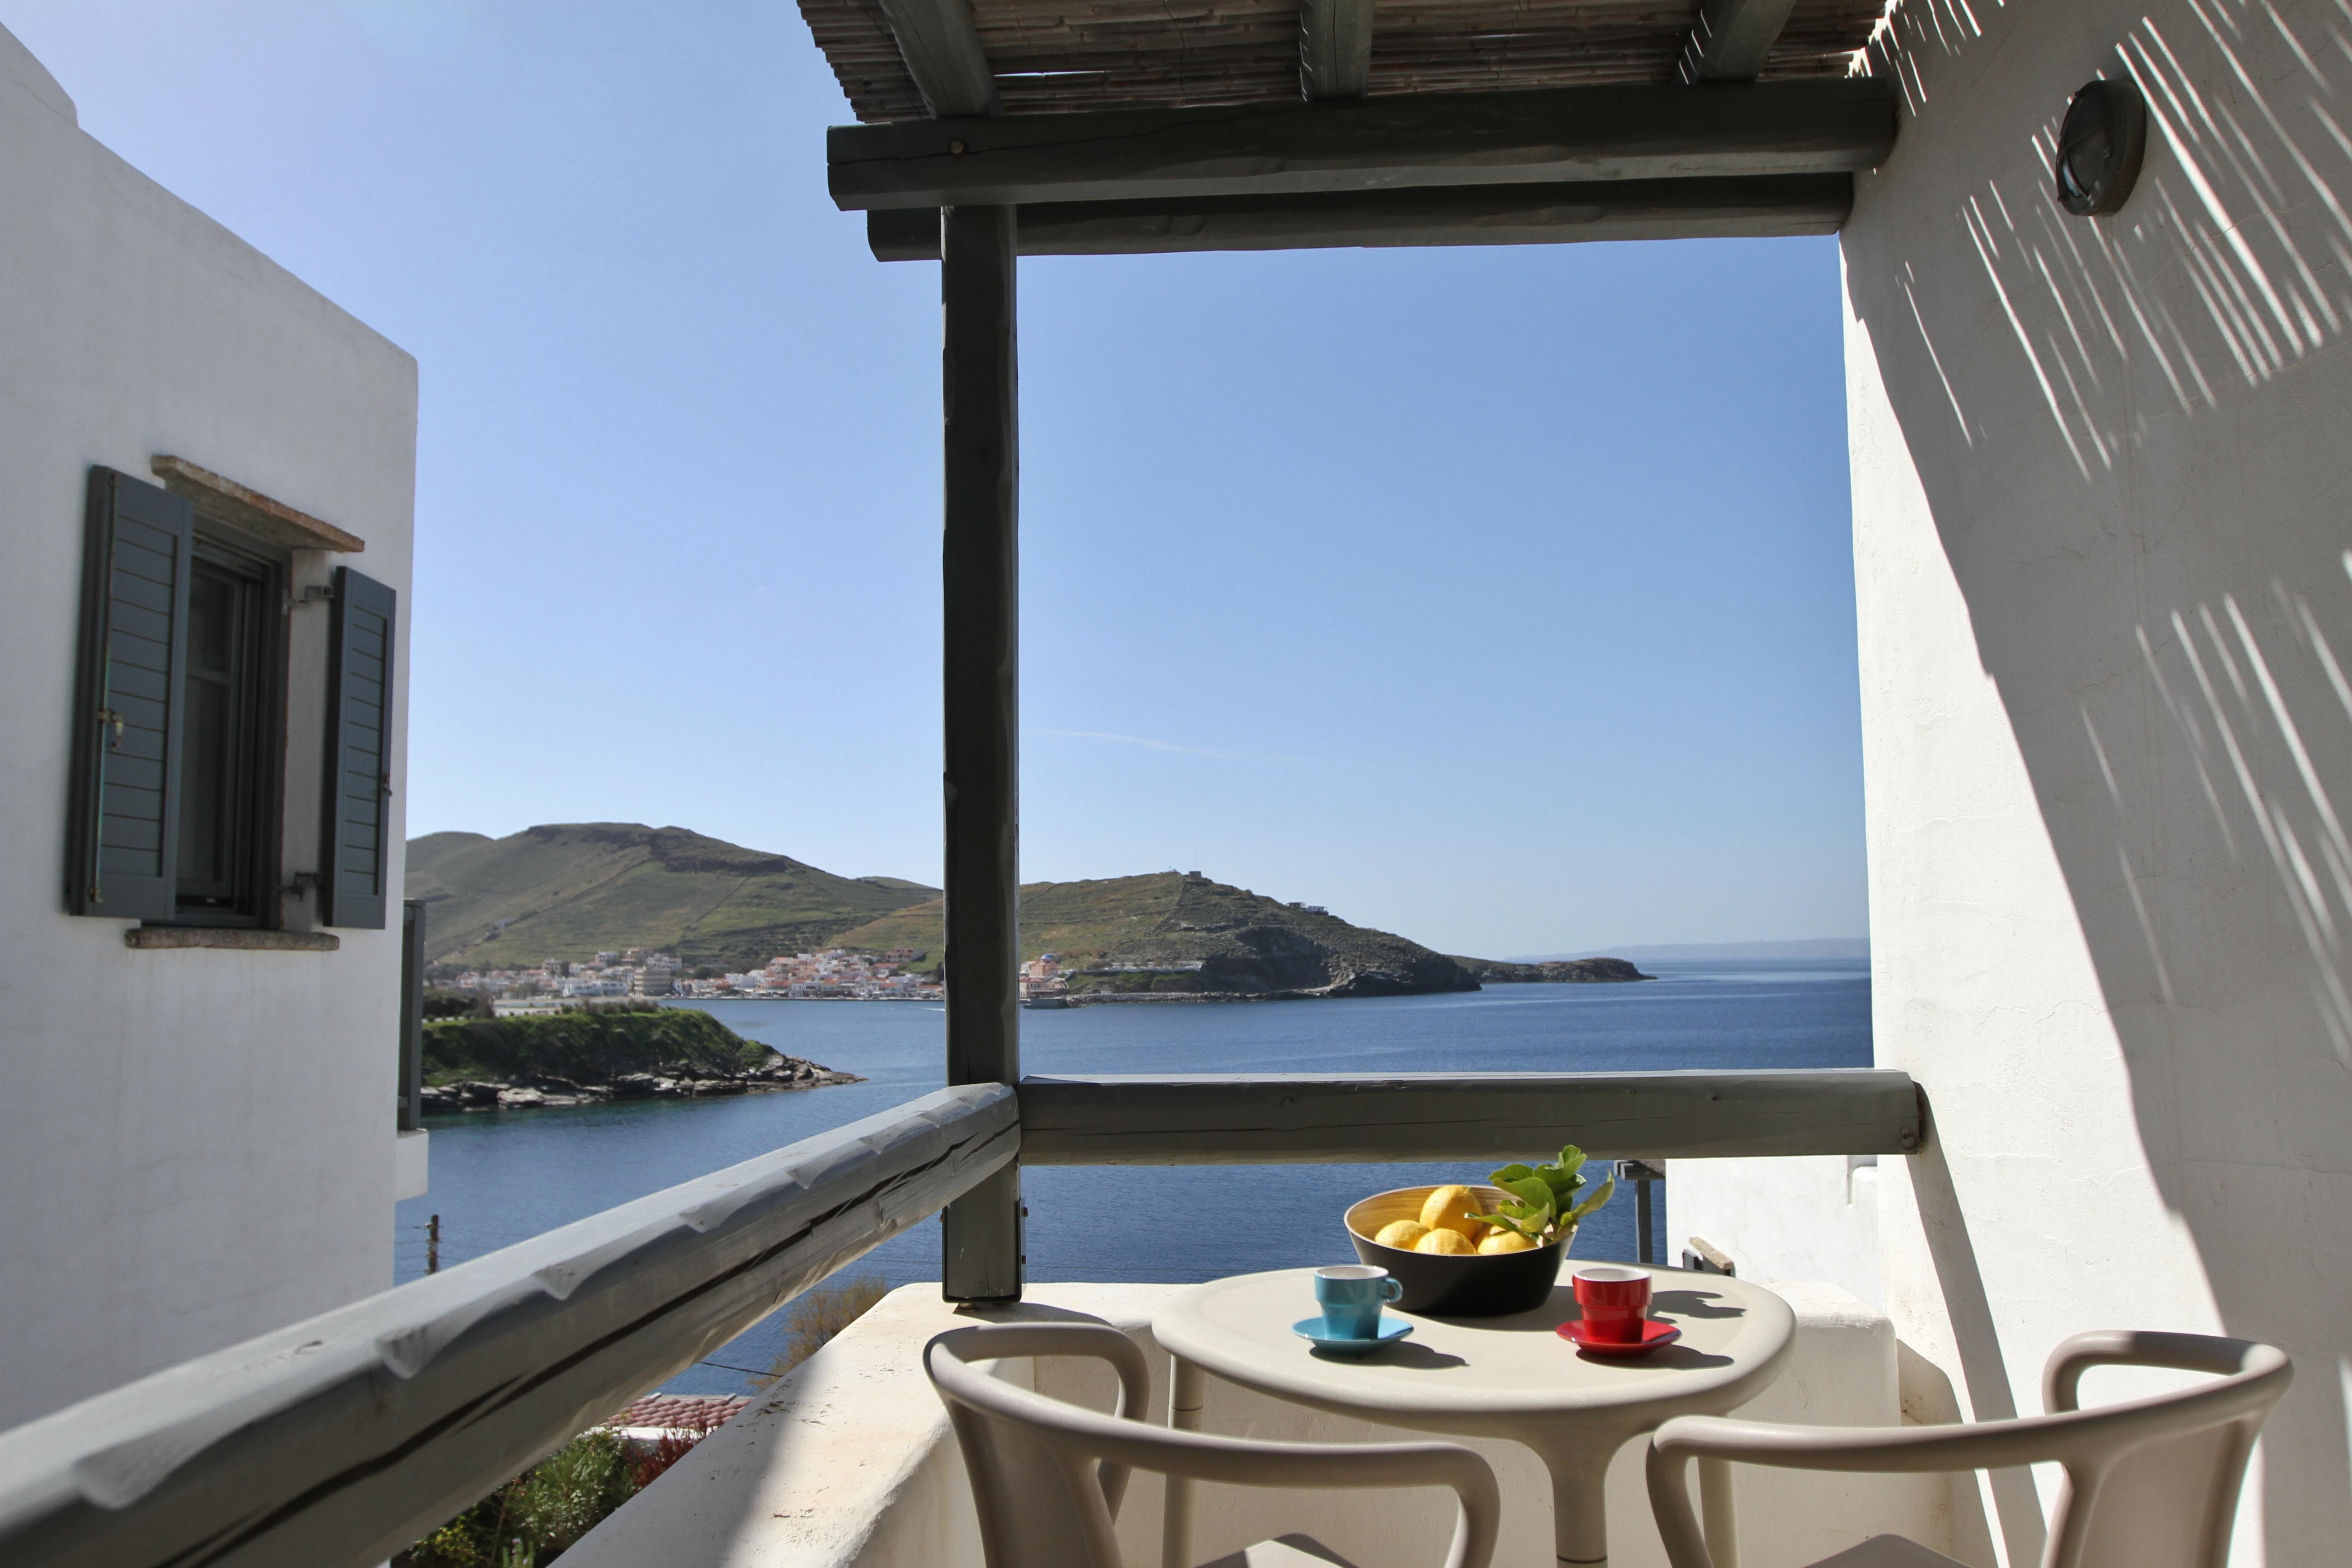 Θέα στη θάλασσα από το μπαλκόνι